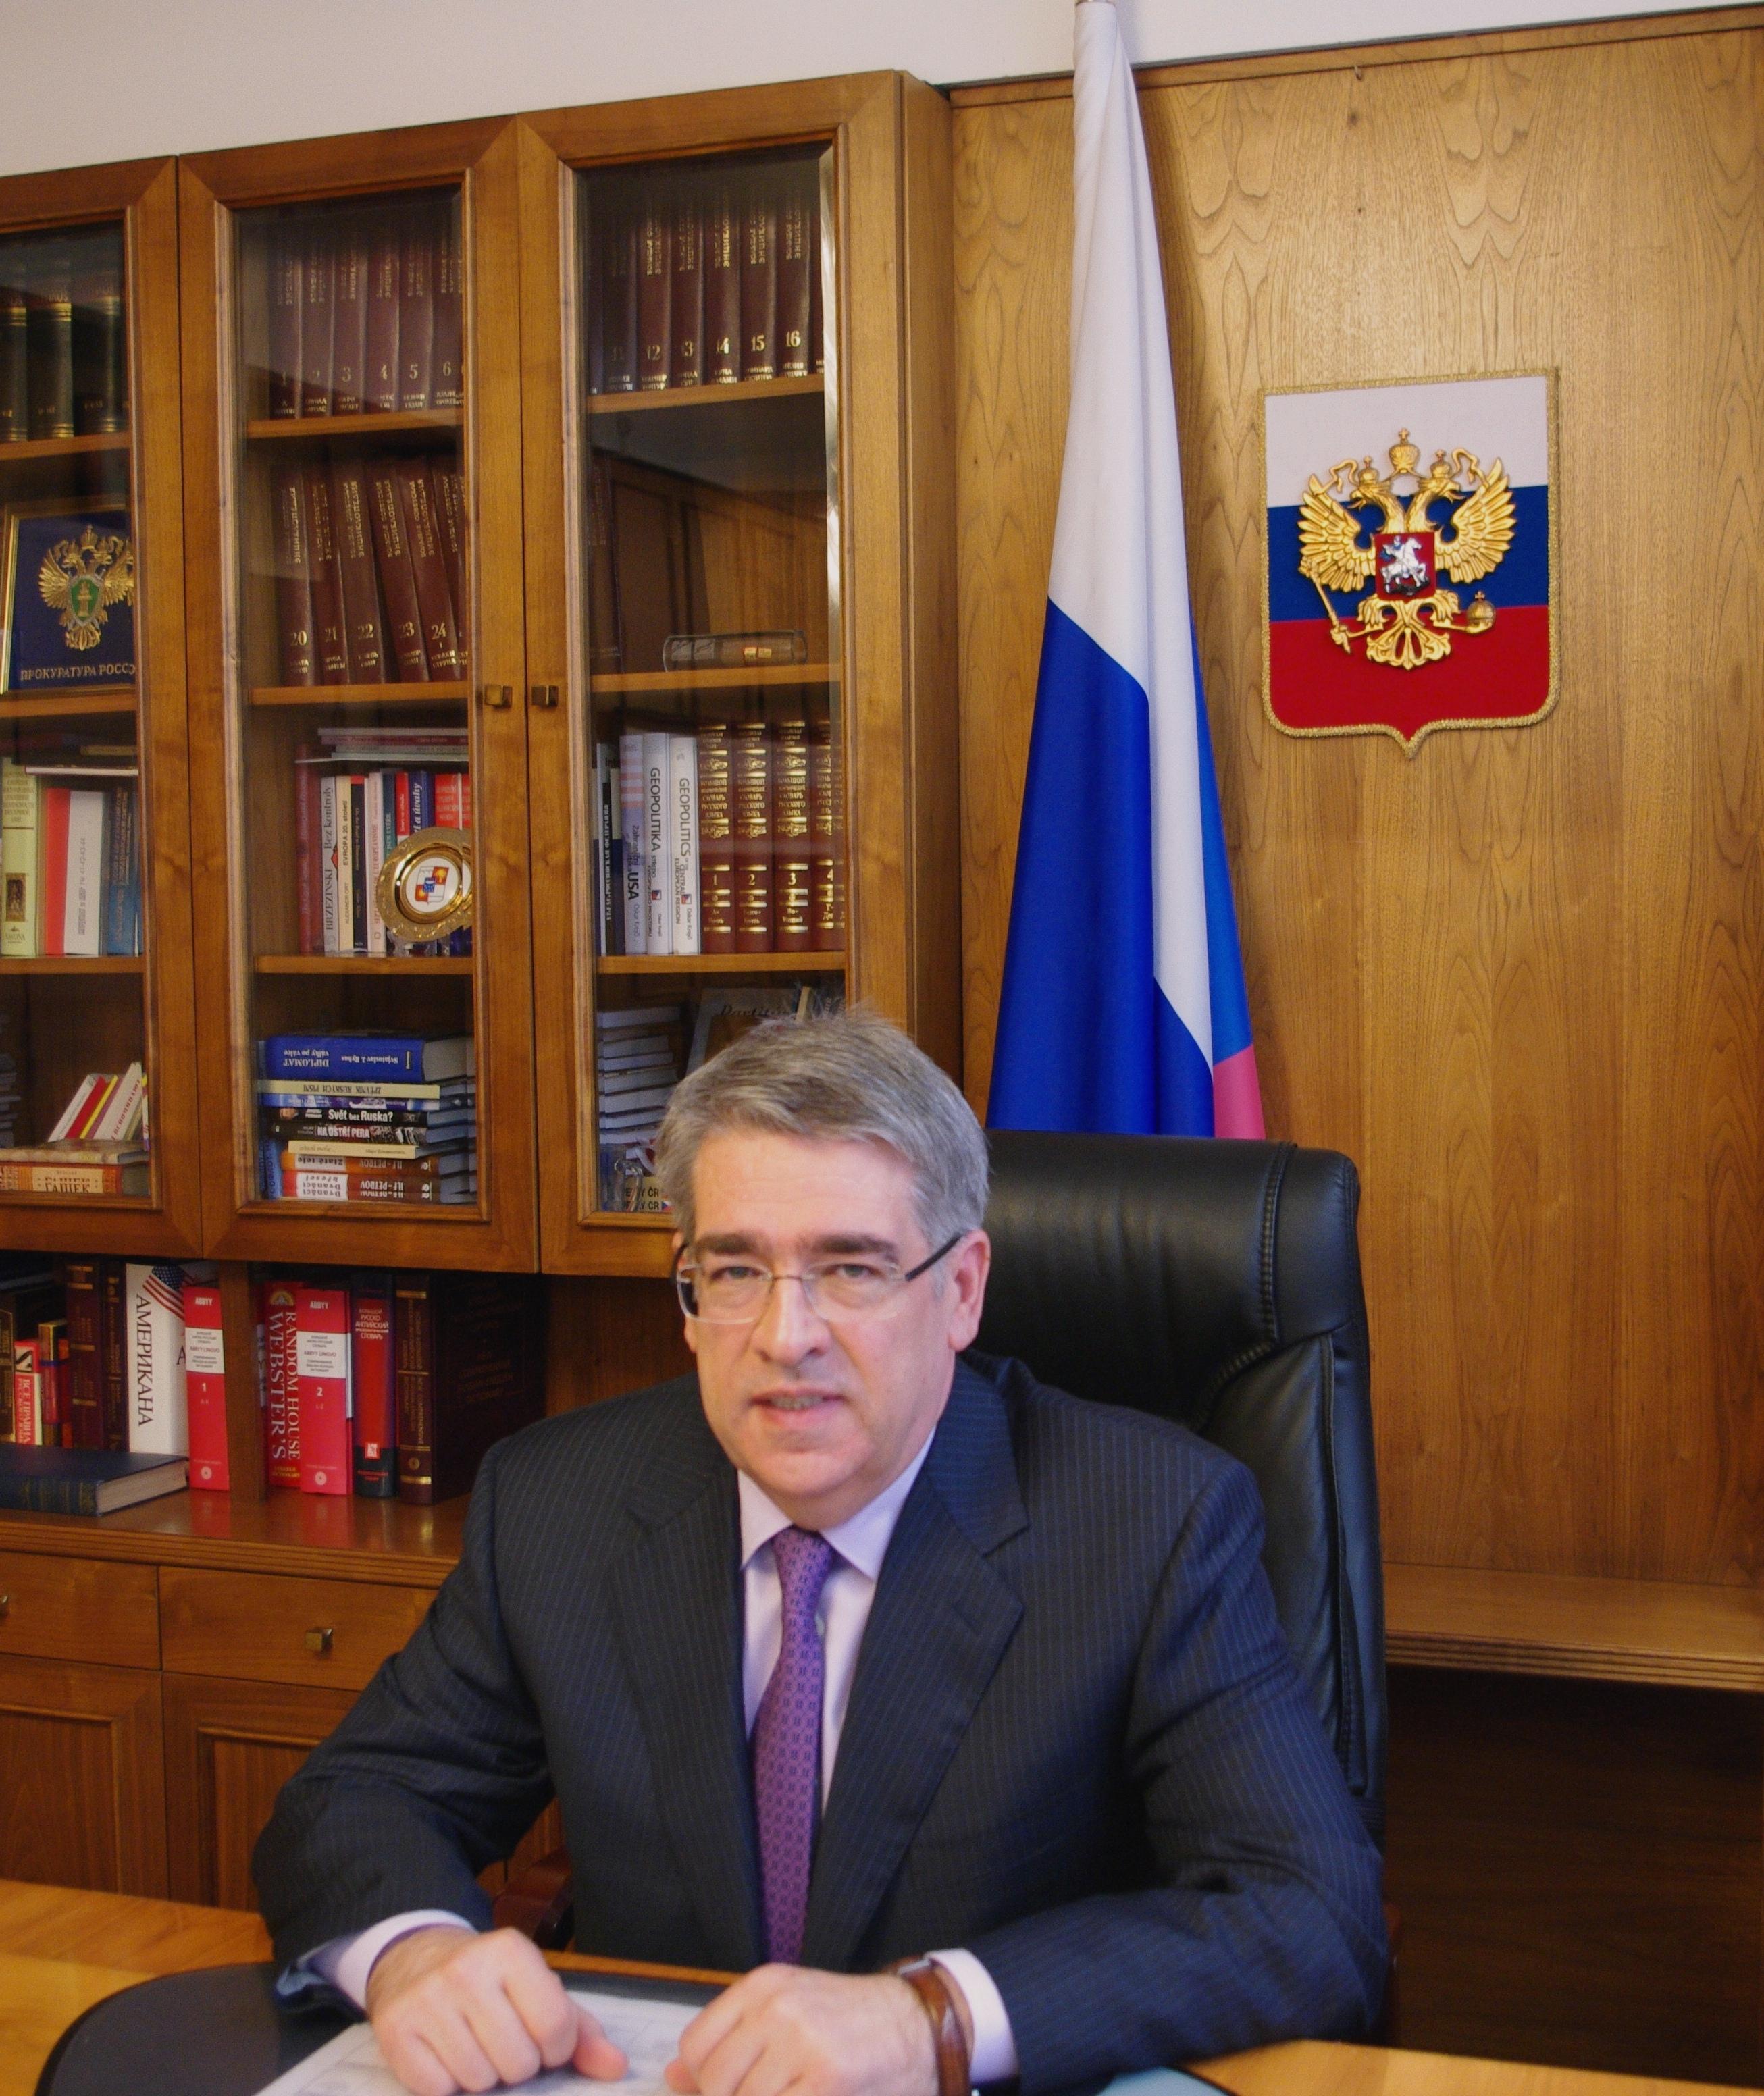 Александр Змеевский: «У российско-чешского сотрудничества богатая история»